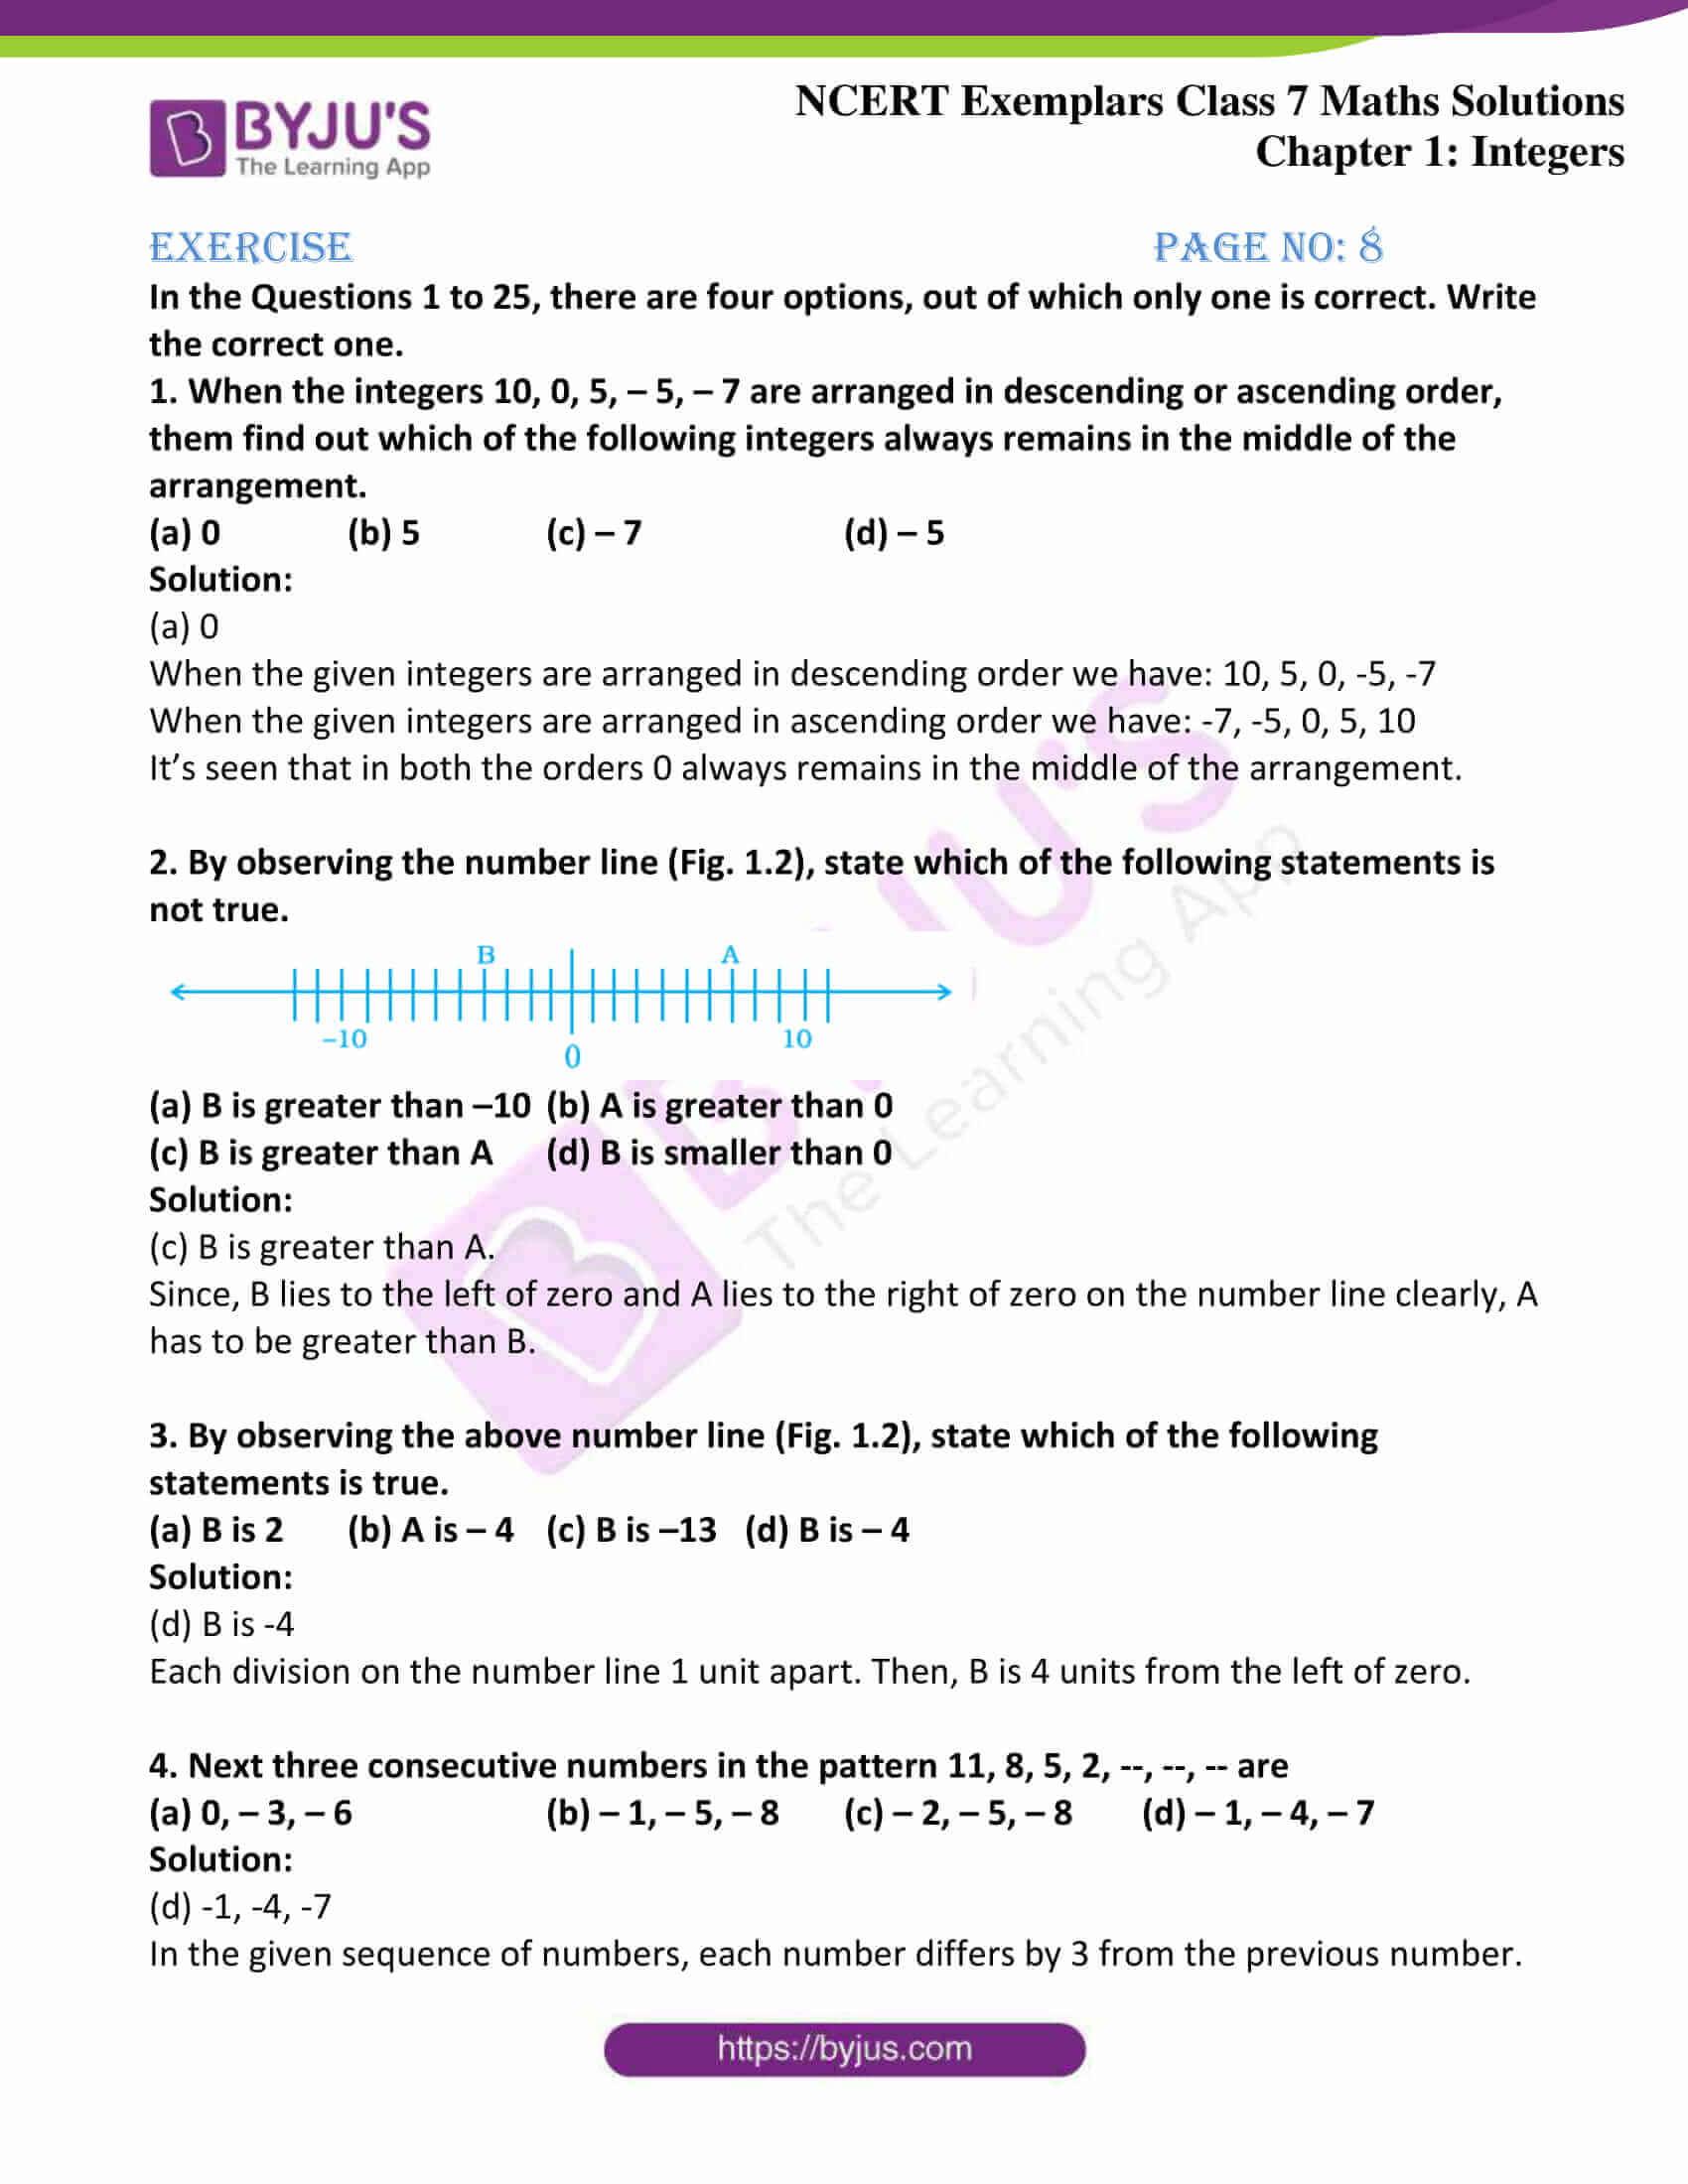 ncert exemplar class 7 maths solutions chapter 1 integers 01